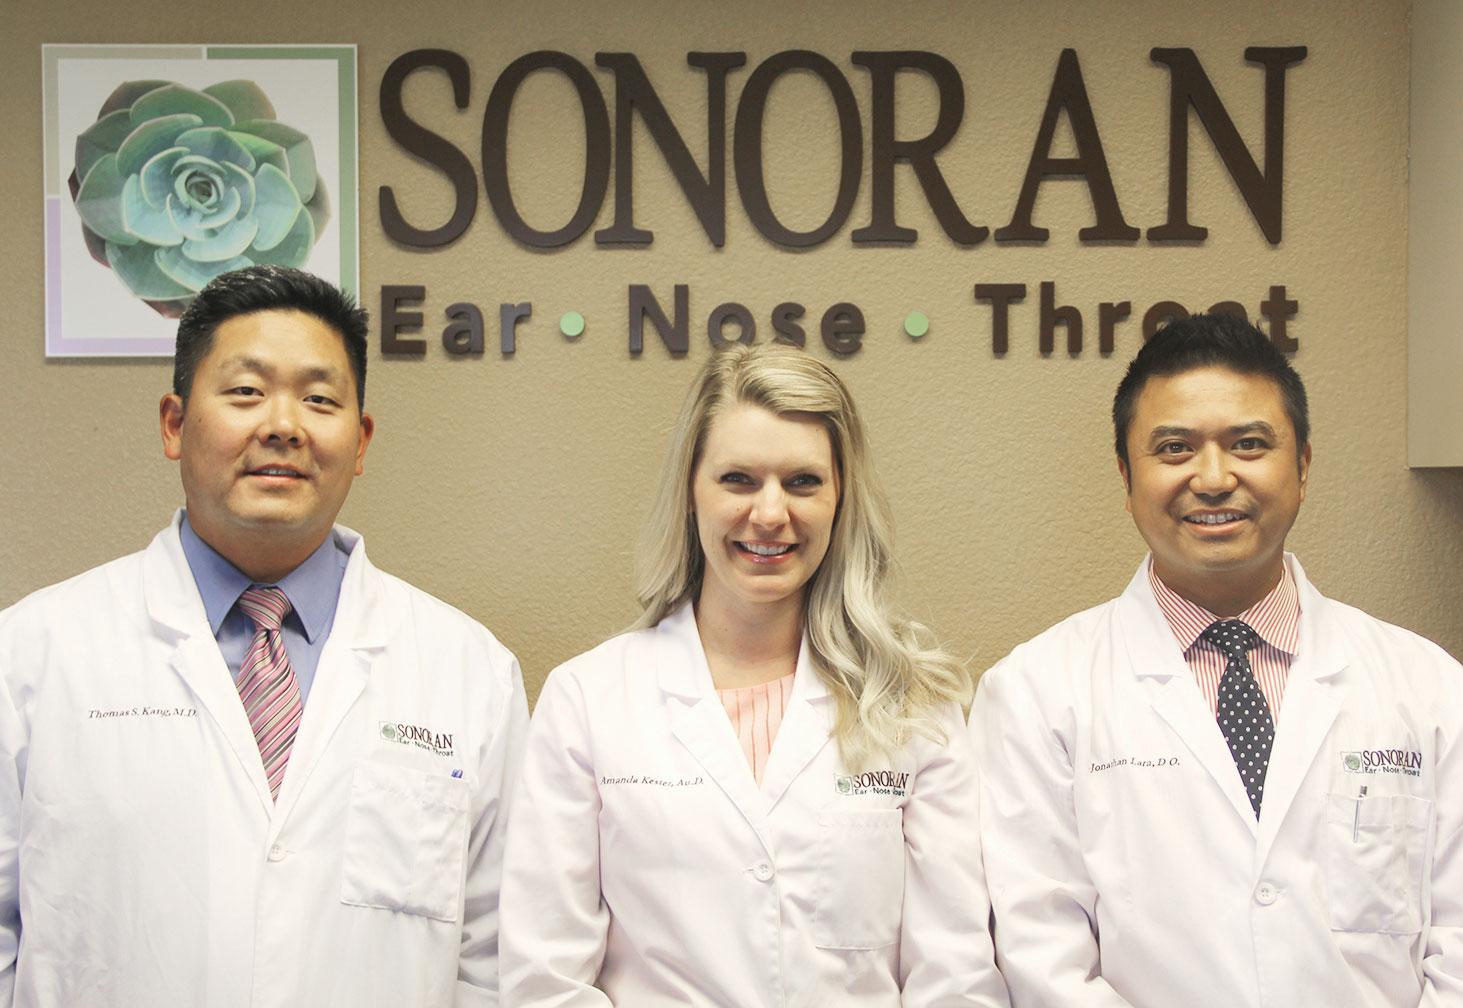 Left to right: Drs. Thomas Kang, Amanda Kester and Jonathan Lara